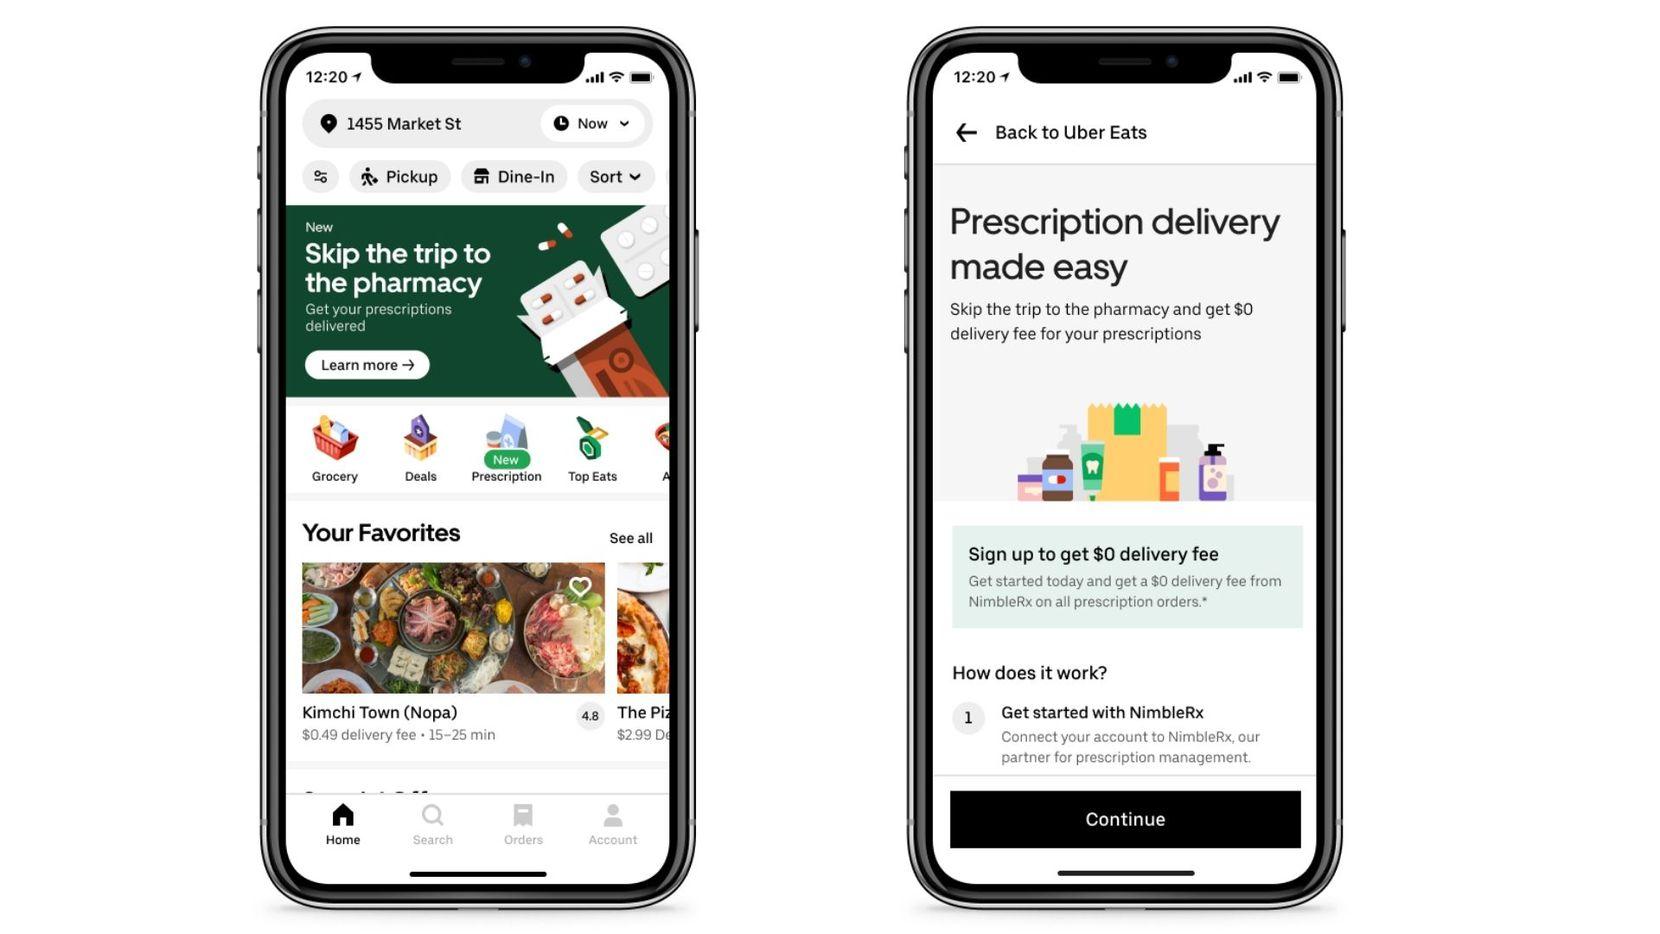 Uber Eats lanzó un servicio para ordenar recetas de medicinas en Dallas.